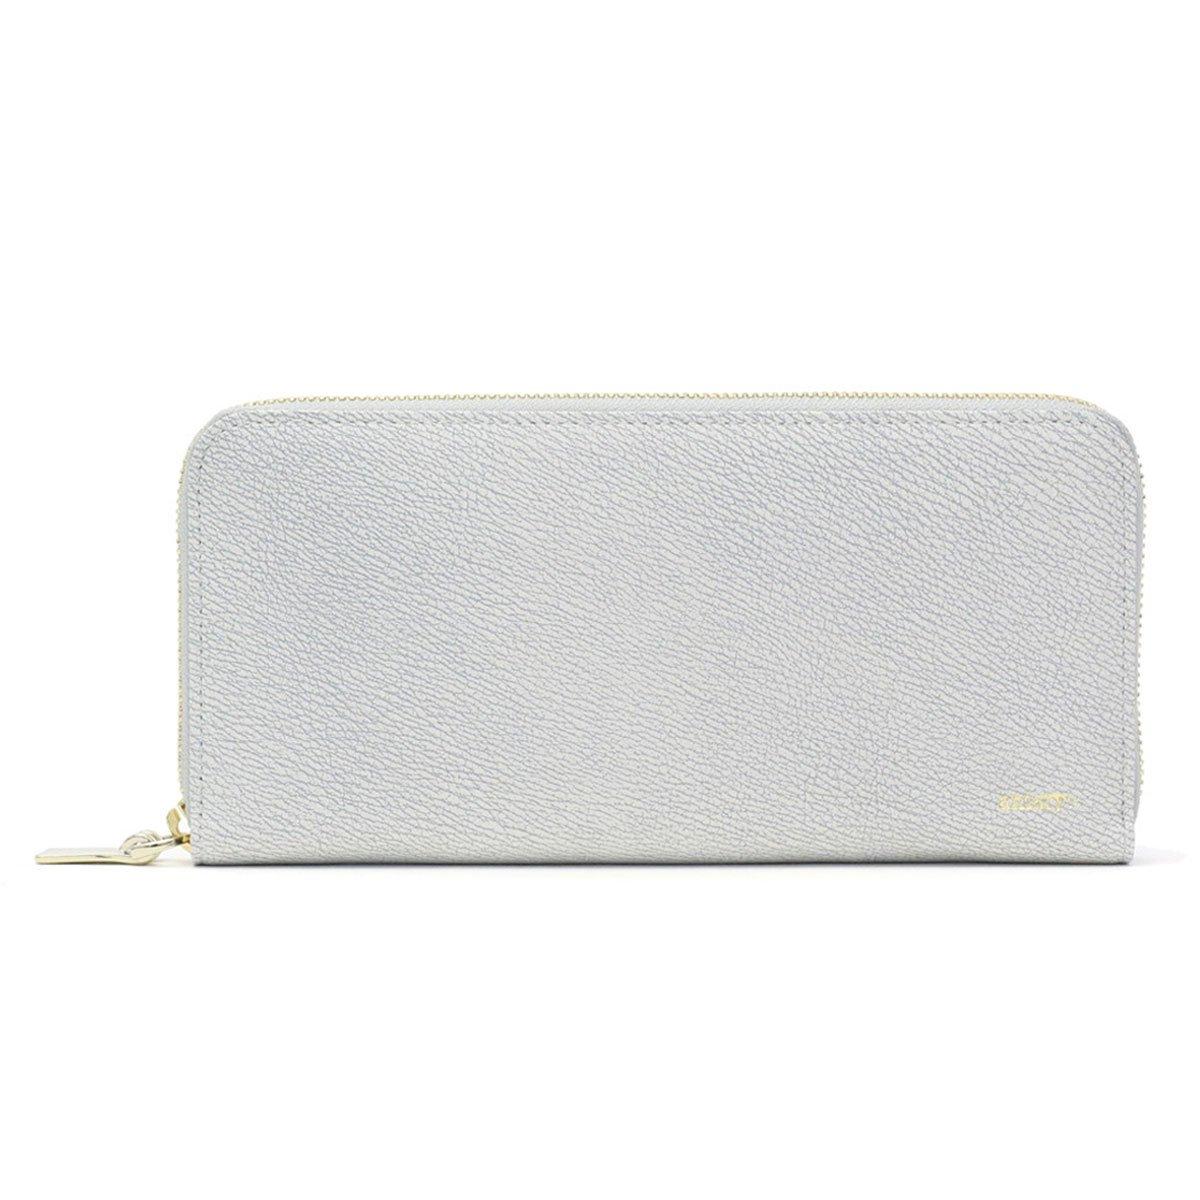 [アニアリ] 長財布 グラインドレザー 15-20003 B072J3NCB9 ホワイト ホワイト